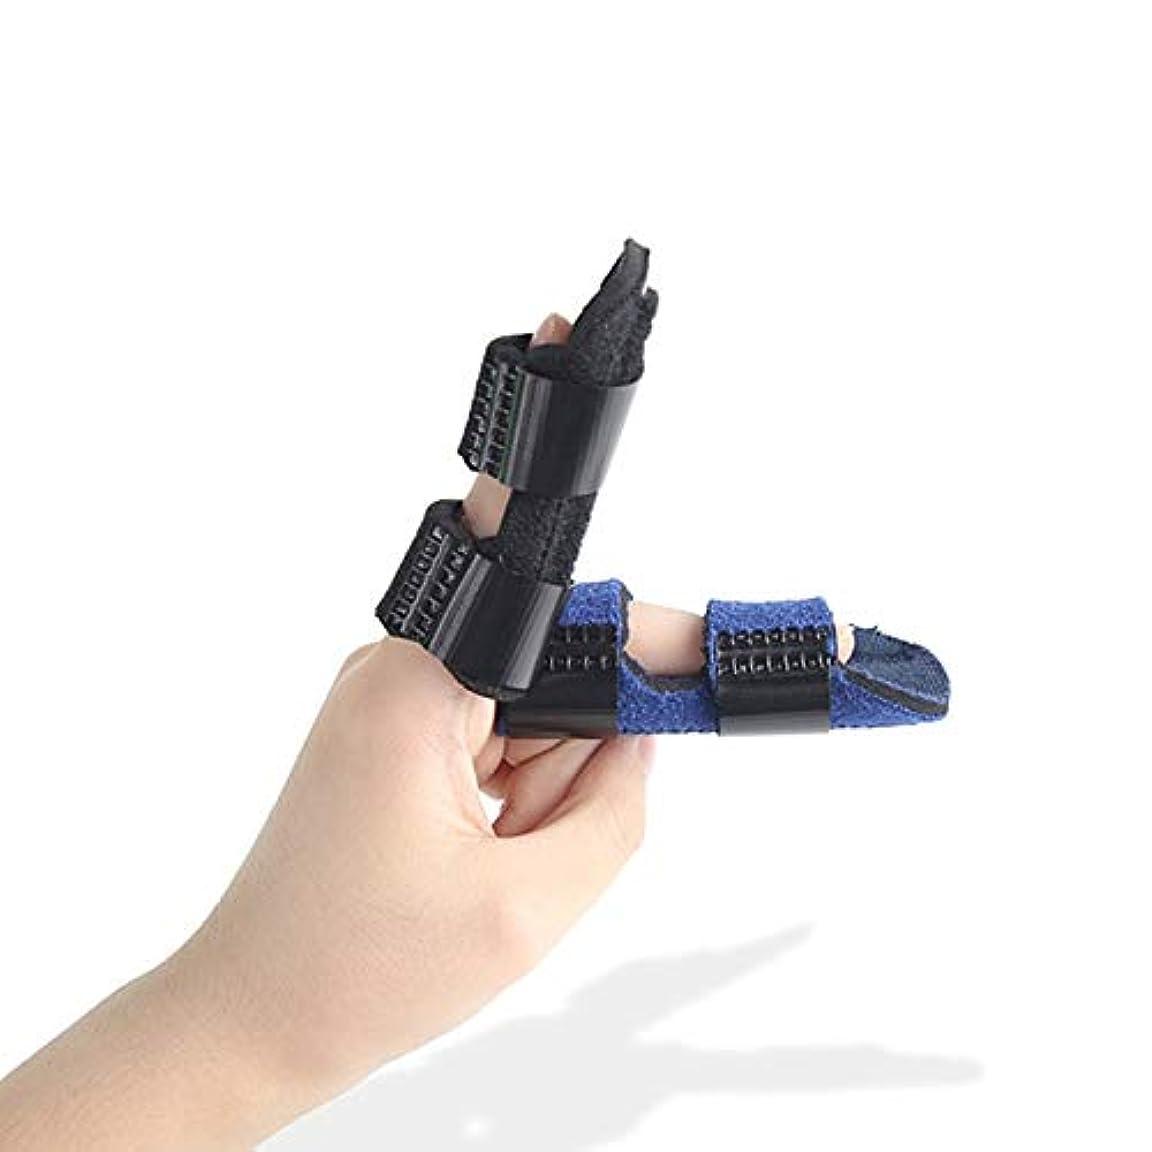 溶ける時代国大人と子供が指ナックル固定化のために作られた、ストレートカーブ、調節可能なベルクロのためにスプリント、サポートブレースを指 (Color : 青)